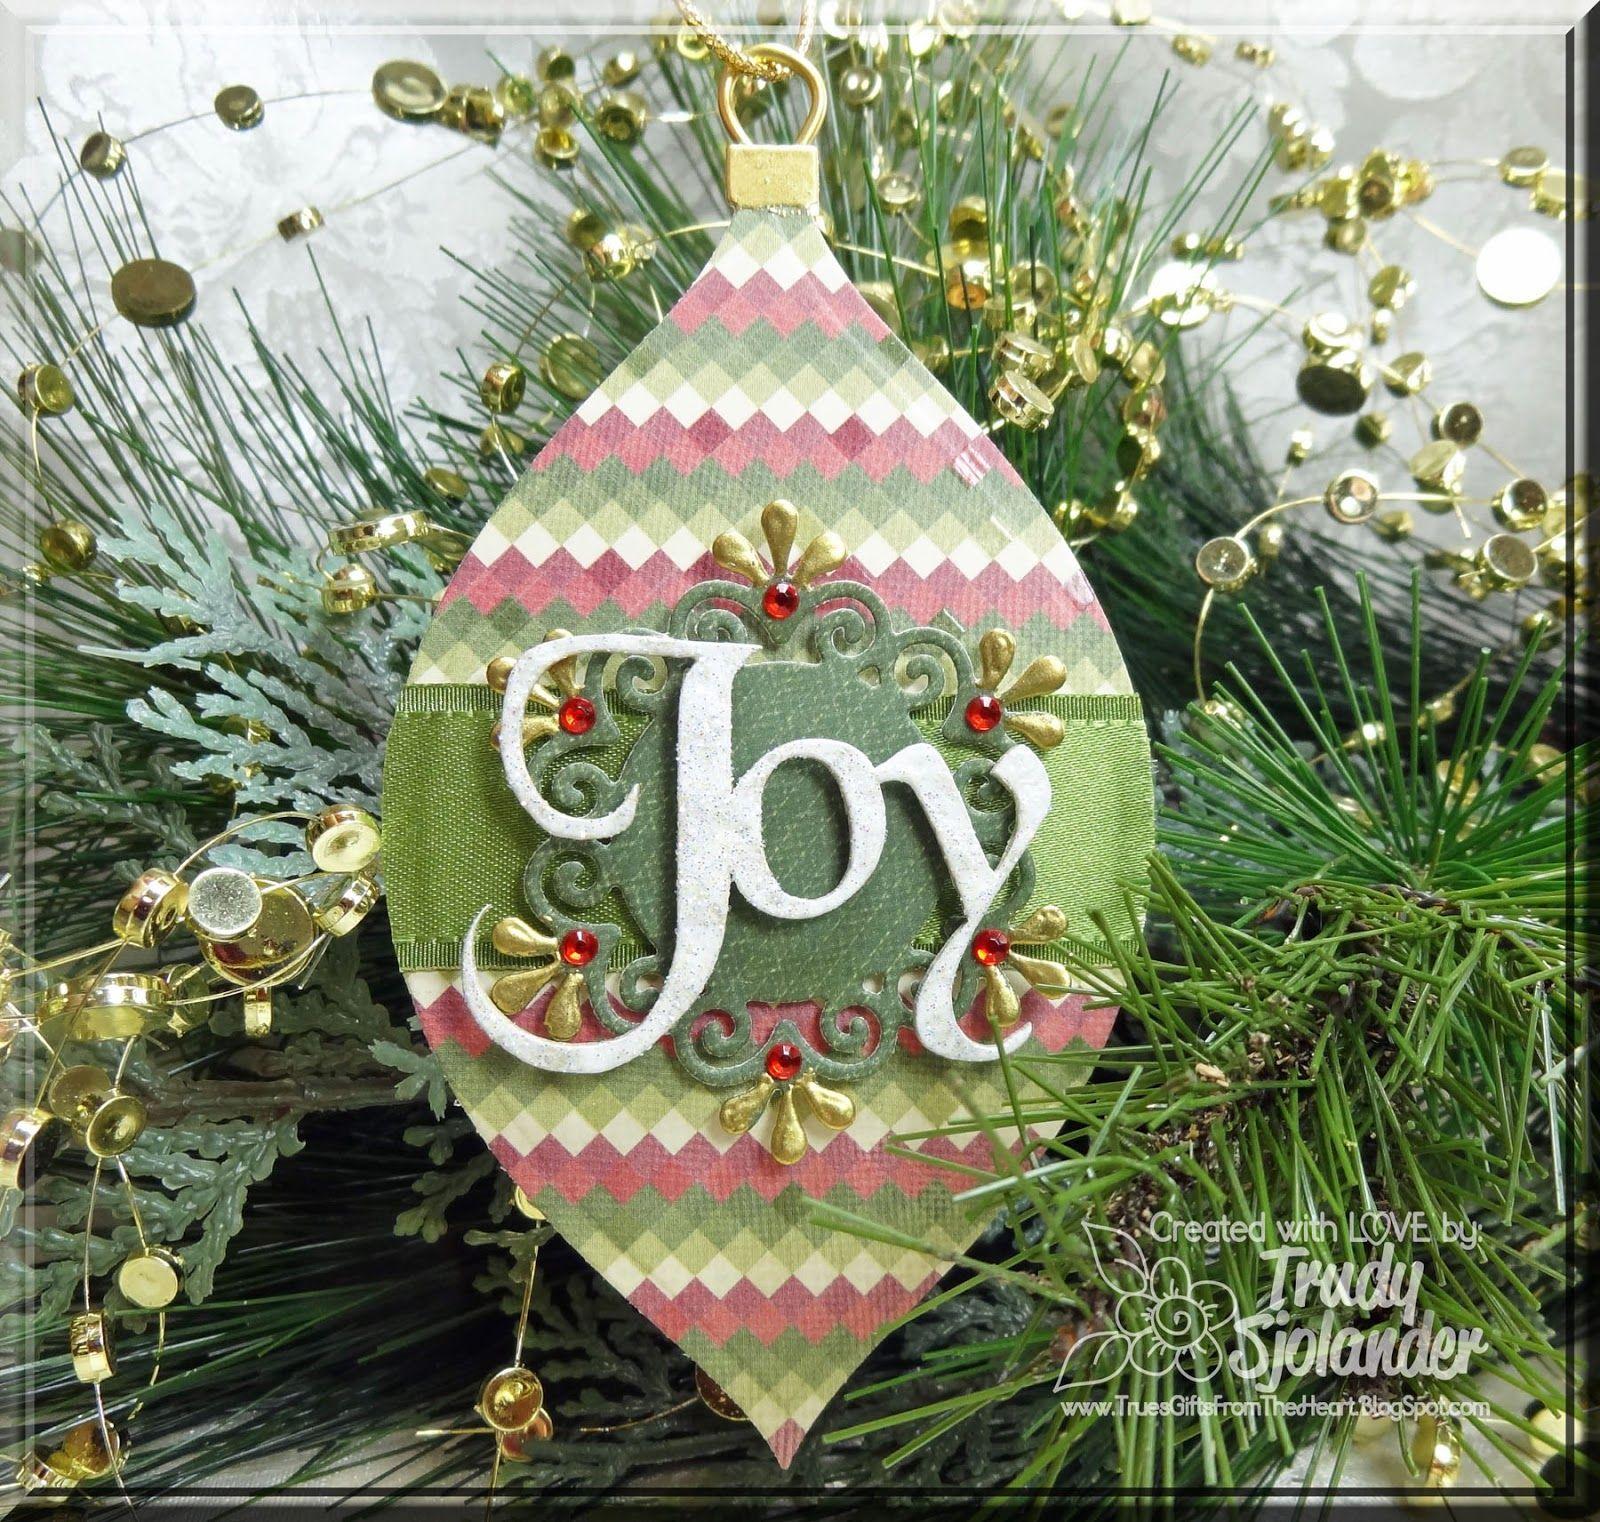 Want2scrap Christmas Ornament Joy Want2scrap Christmas Ornament Joy A Super Quick And Easy Ornament Created Christmas Ornaments Easy Ornaments Ornaments